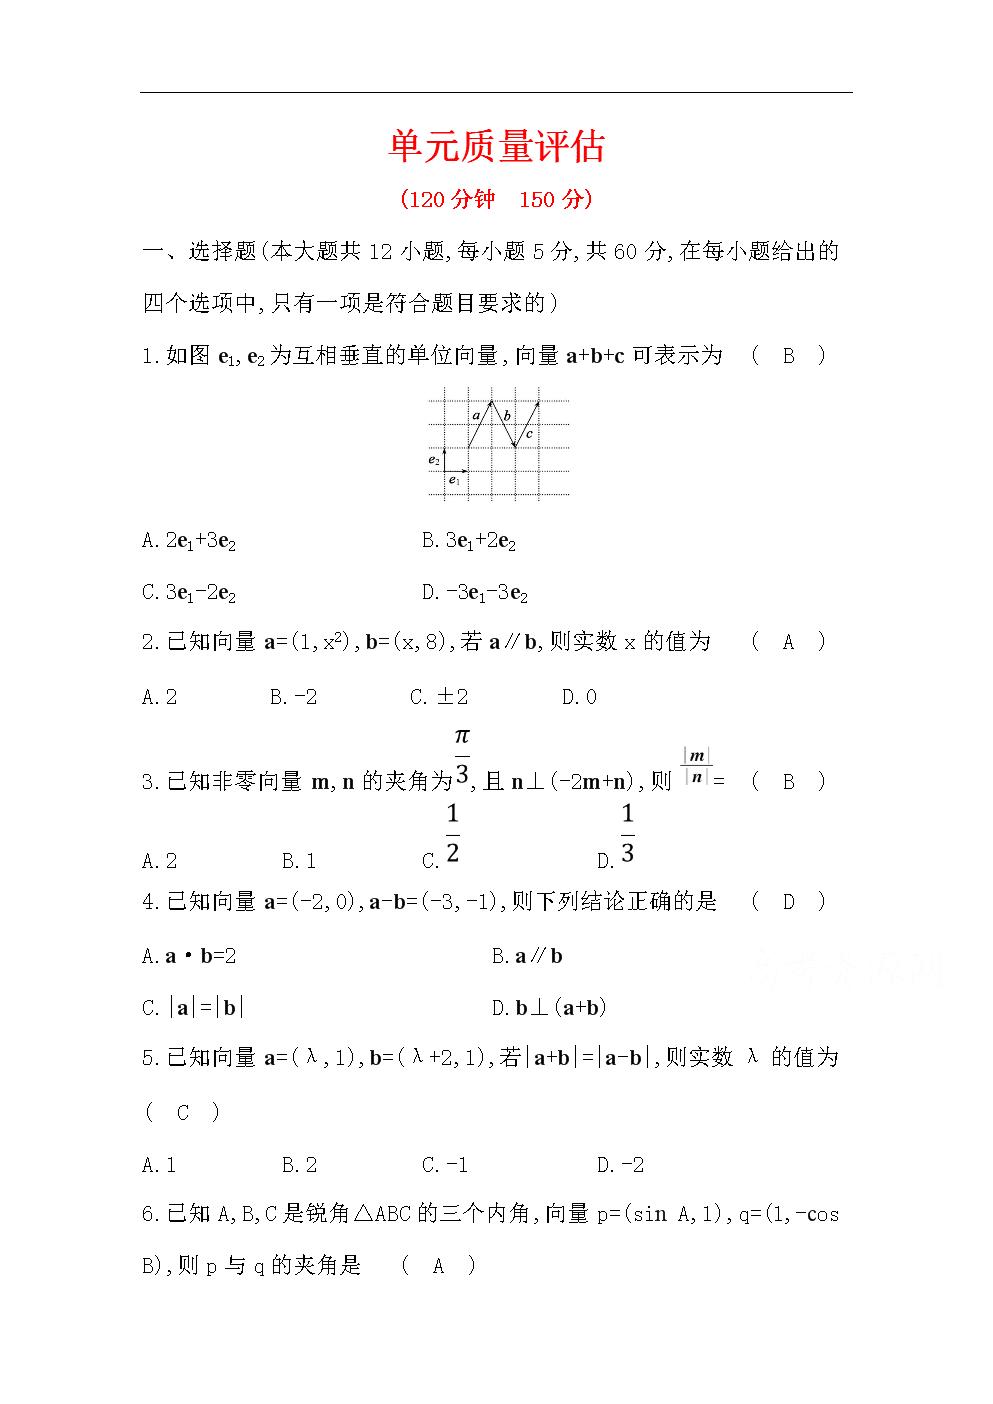 人教A版数学必修四习题:第二章 平面向量 单元质量评估(附答案).doc